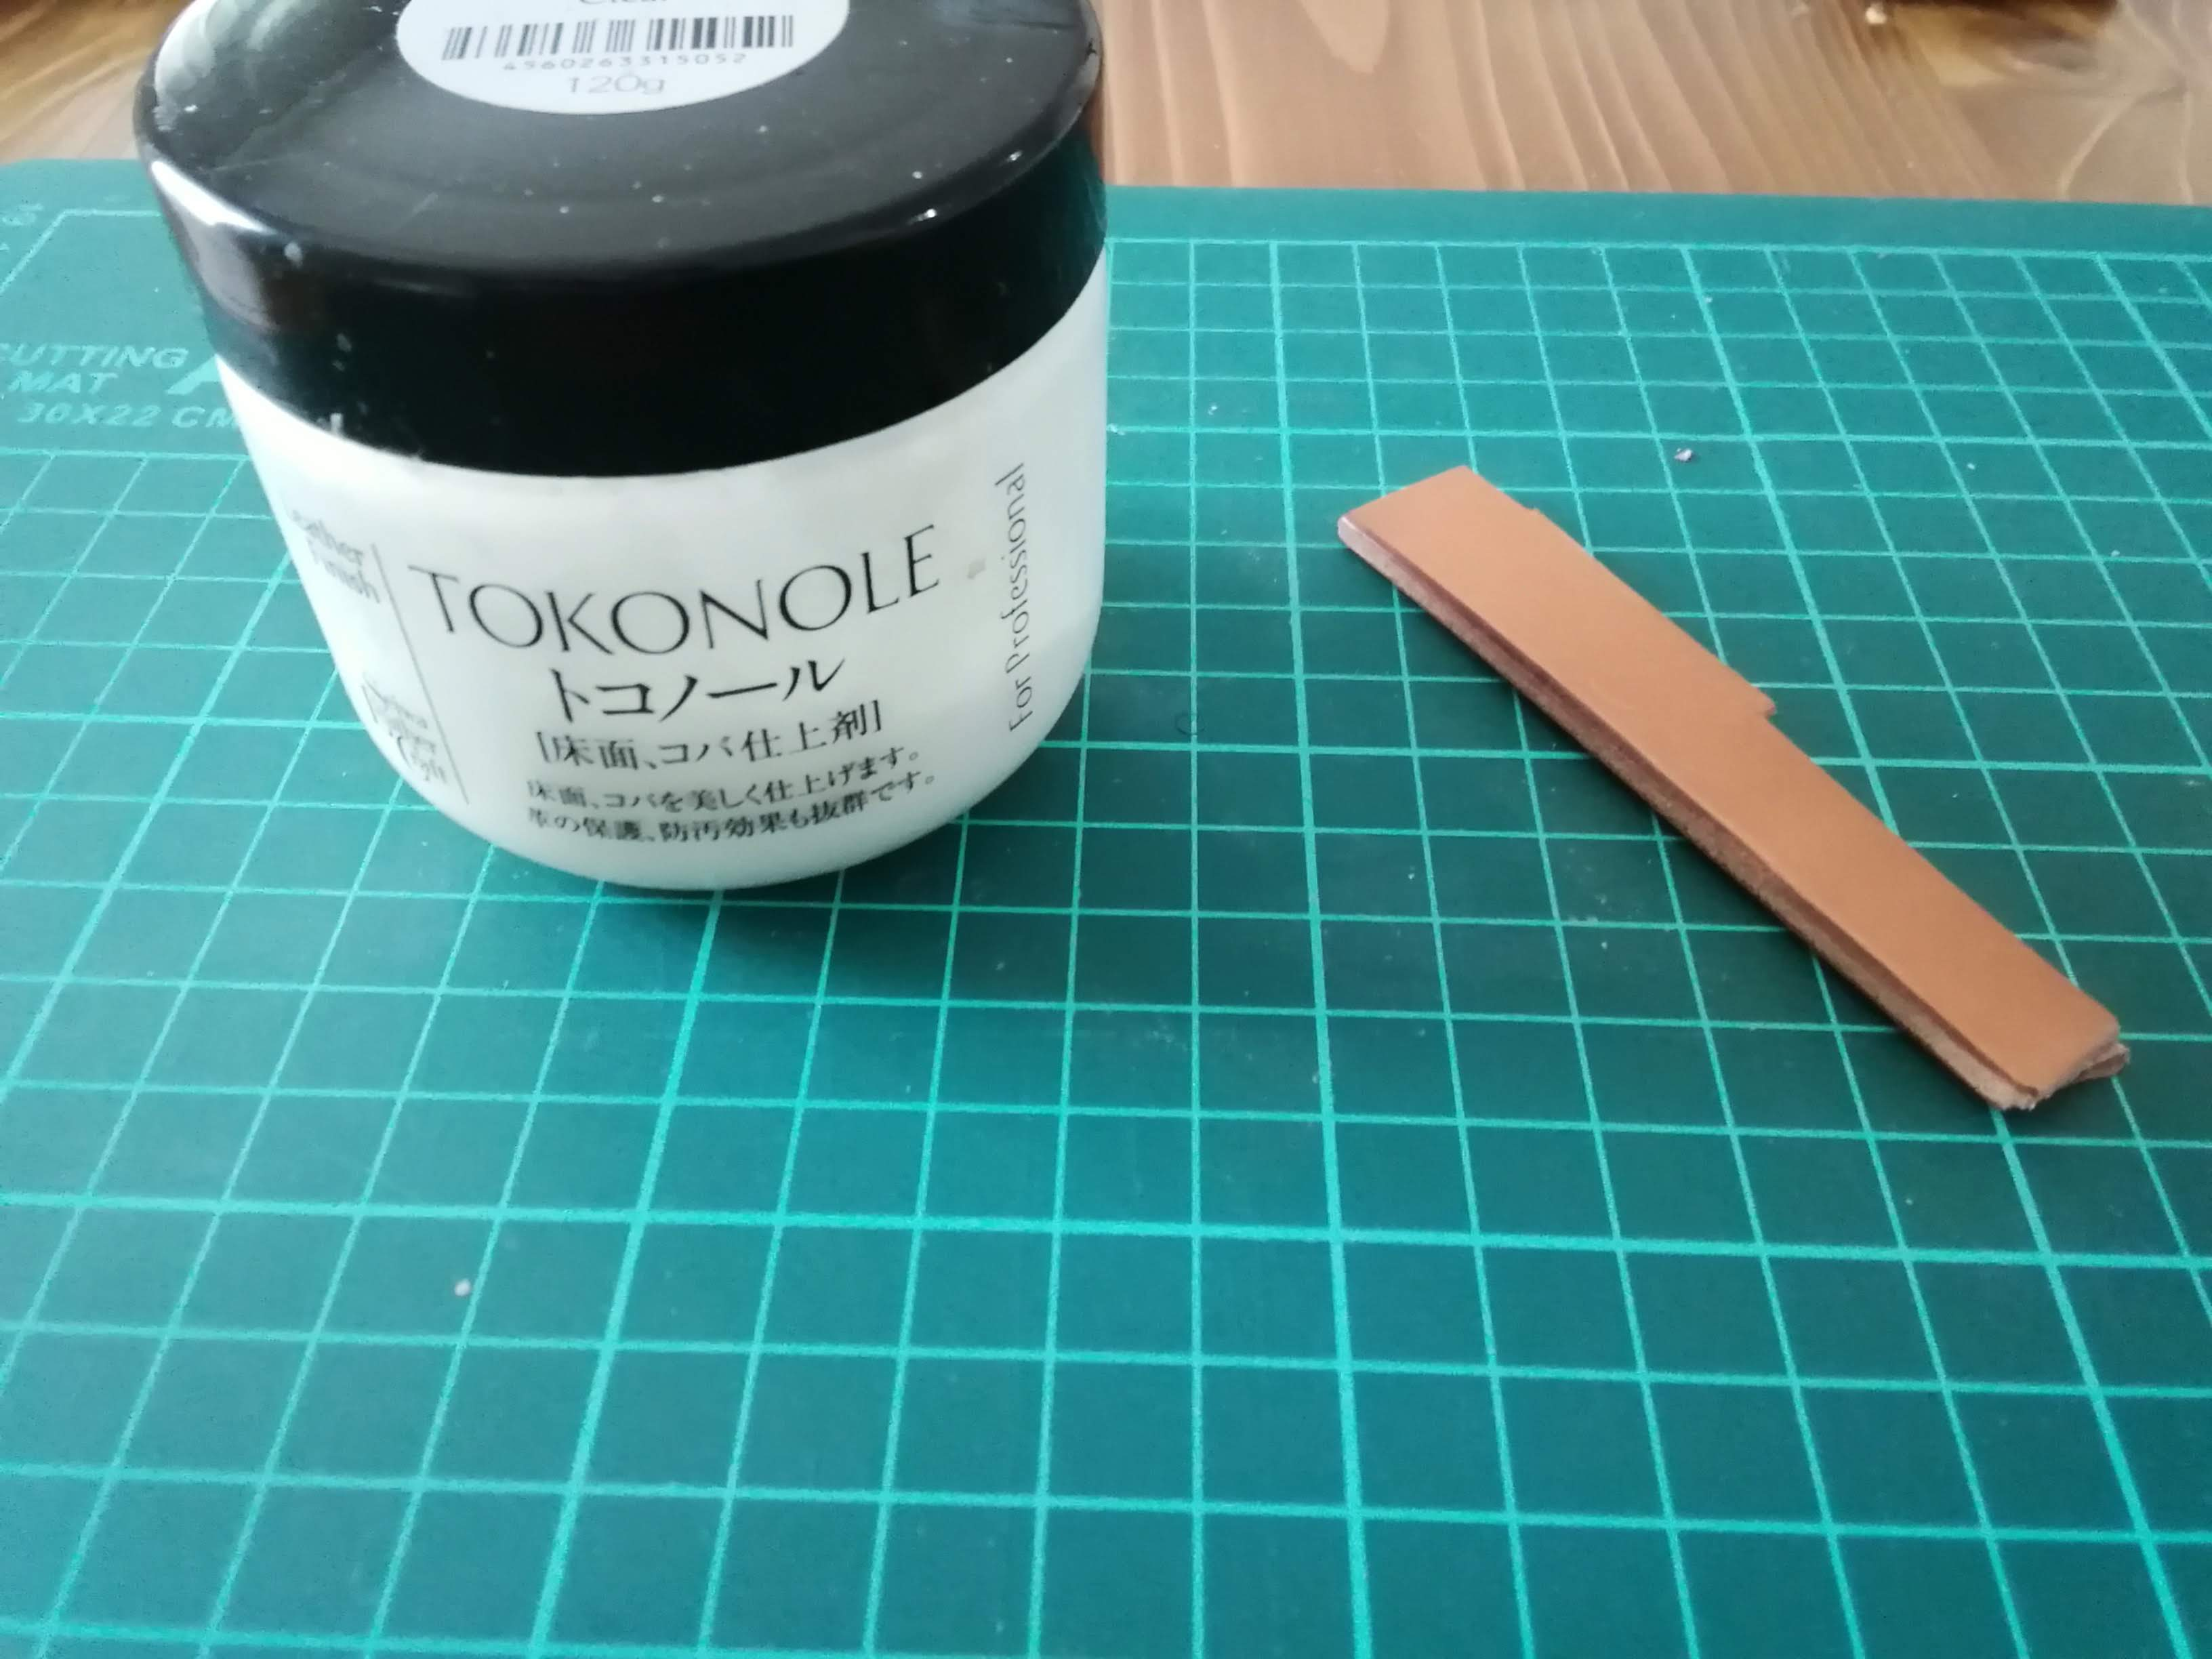 トコノールを使用して革のコバを磨く